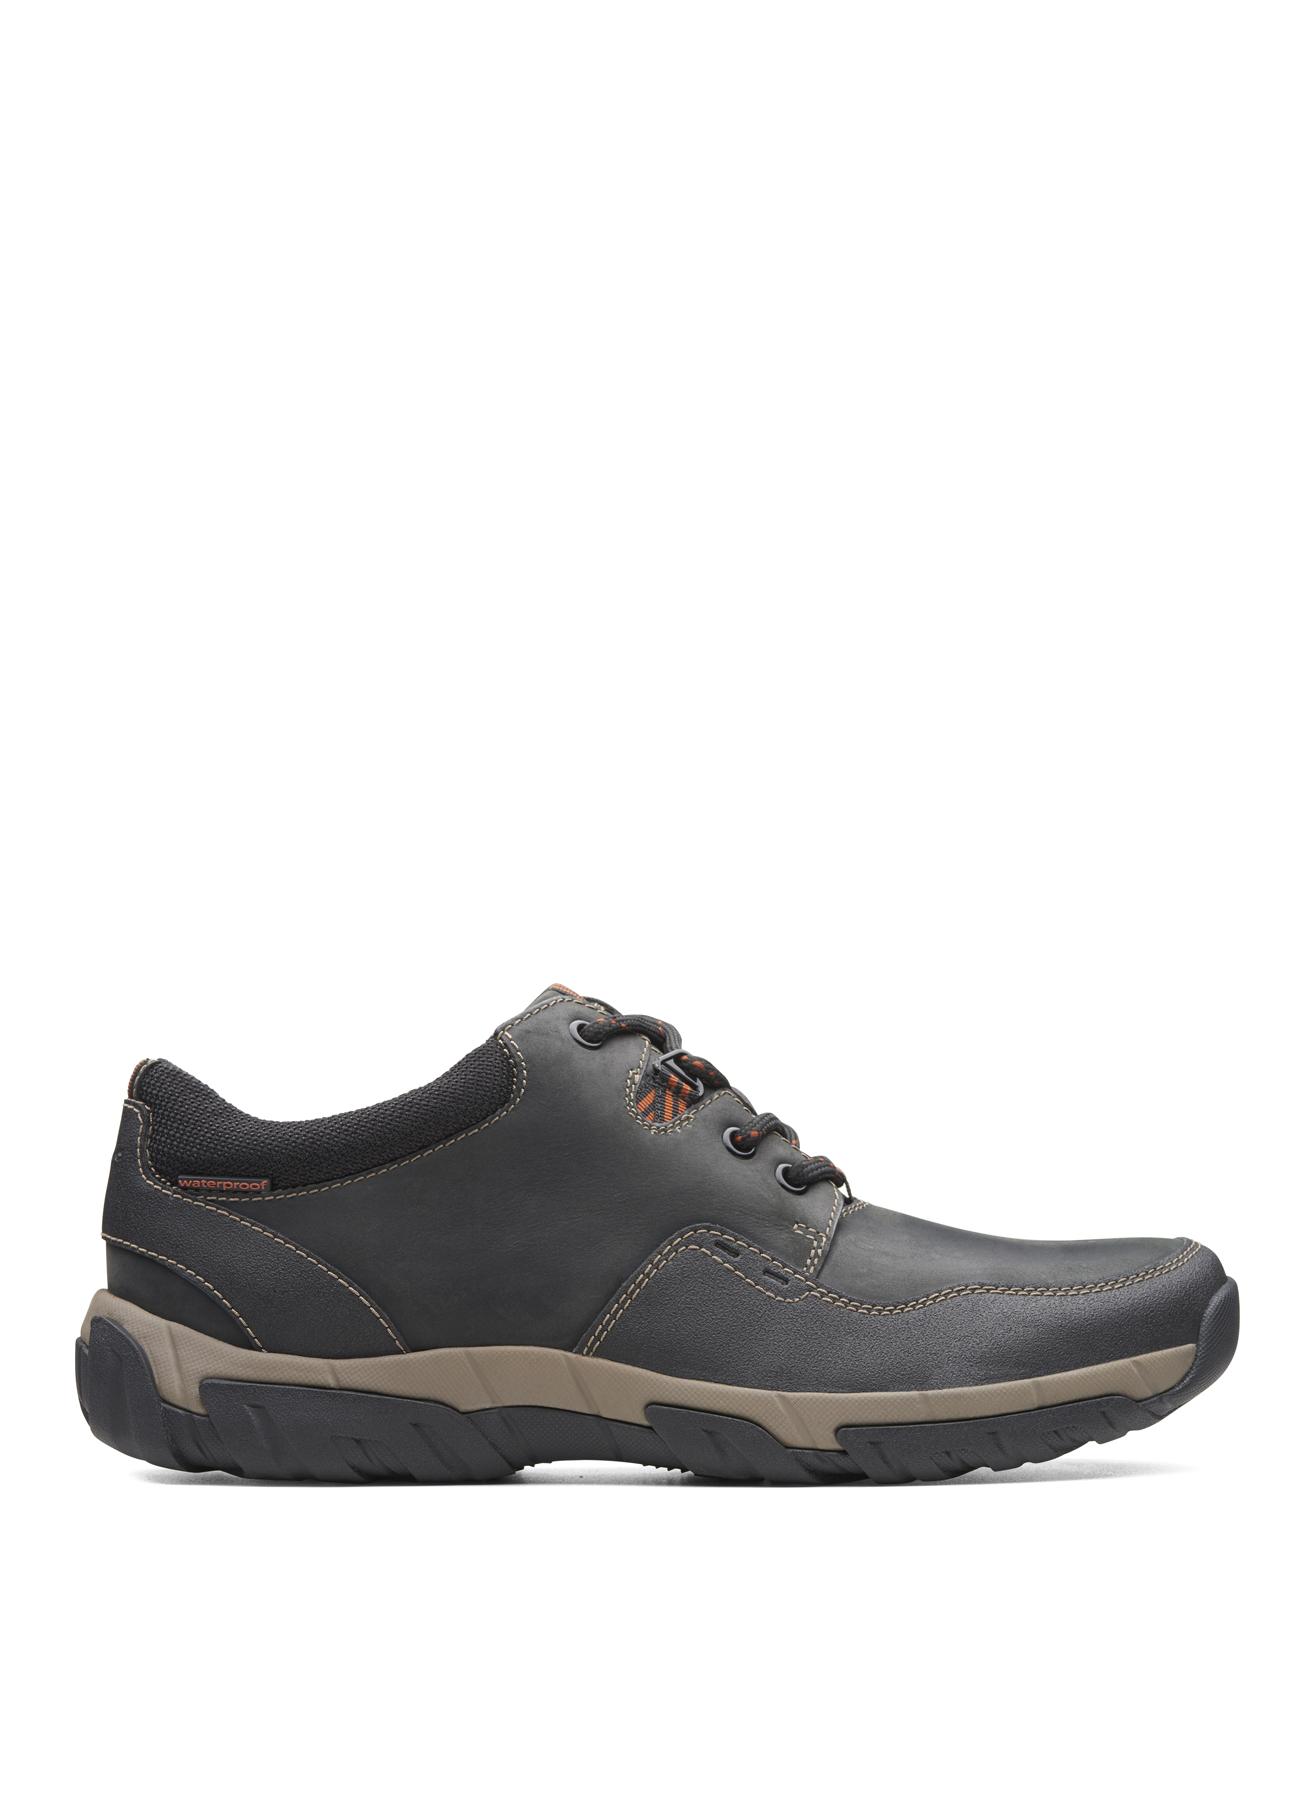 Clarks Erkek Deri Siyah Günlük Ayakkabı 43 5001922656006 Ürün Resmi